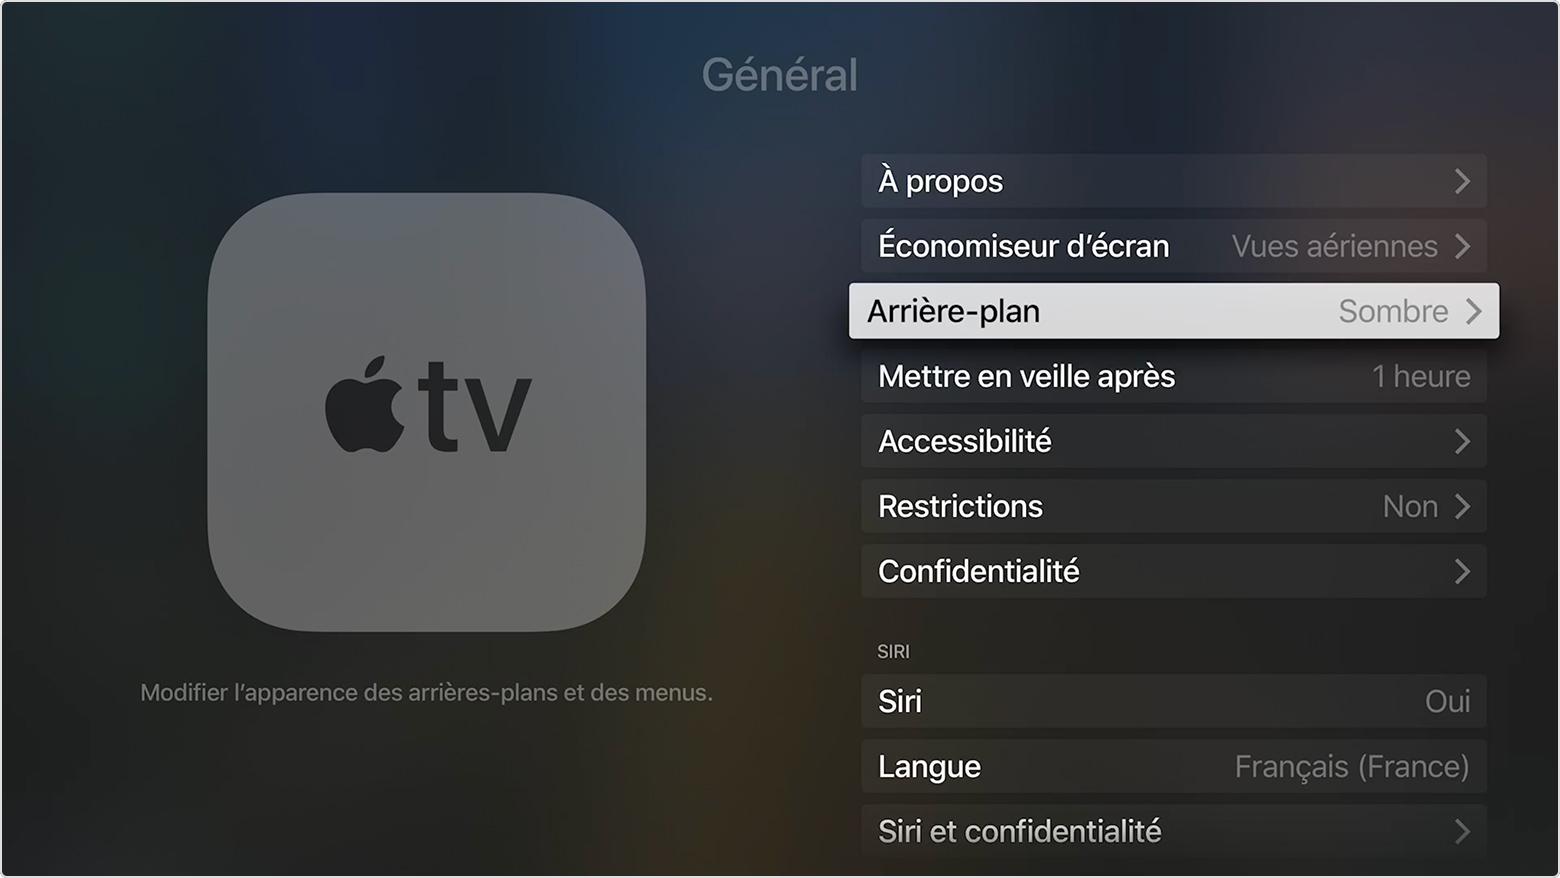 choisir un arri re plan clair ou fonc pour votre apple tv 4k ou votre apple tv 4e g n ration. Black Bedroom Furniture Sets. Home Design Ideas